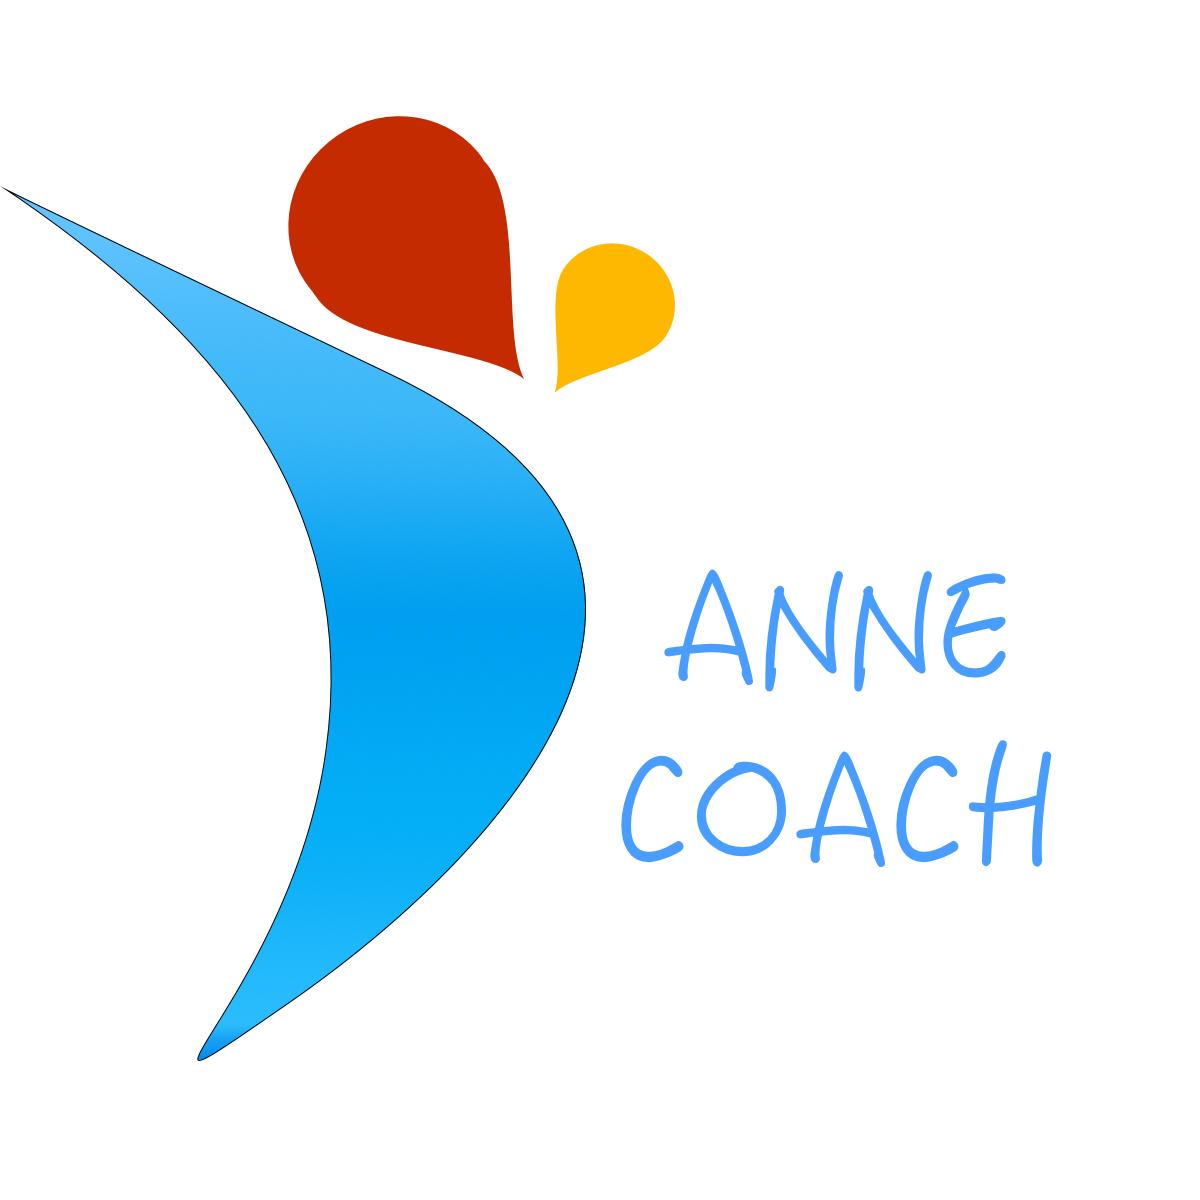 Anne Coach